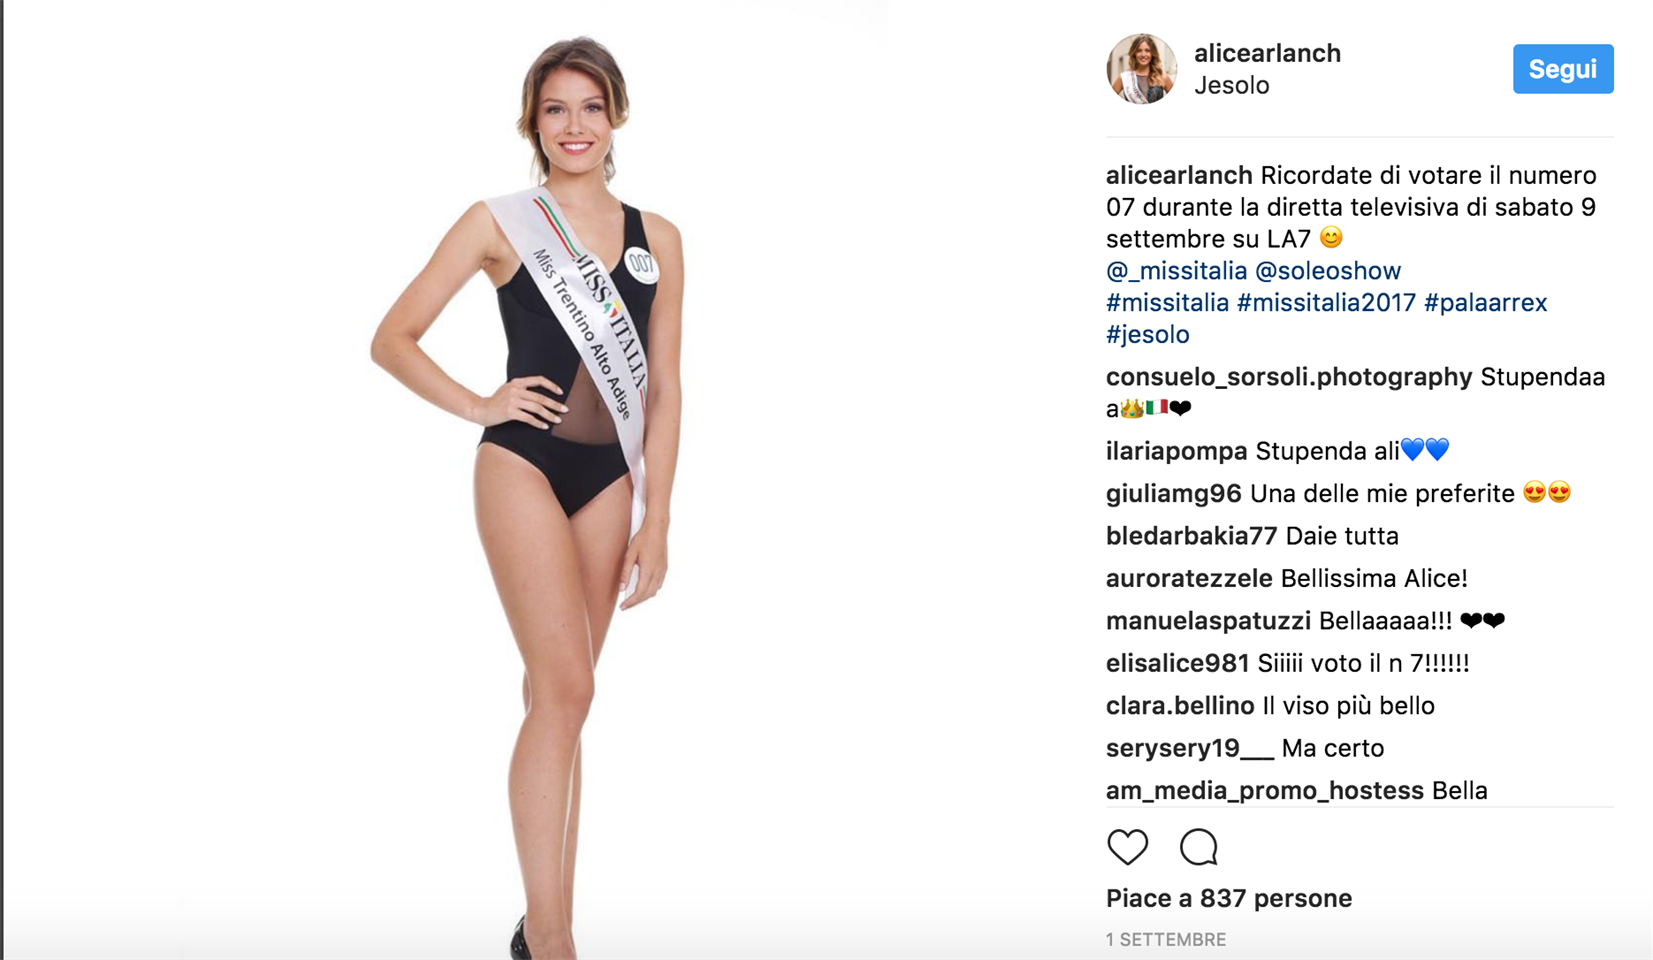 Chi è Miss Italia 2017? La storia di Alice Rachele Arlanch